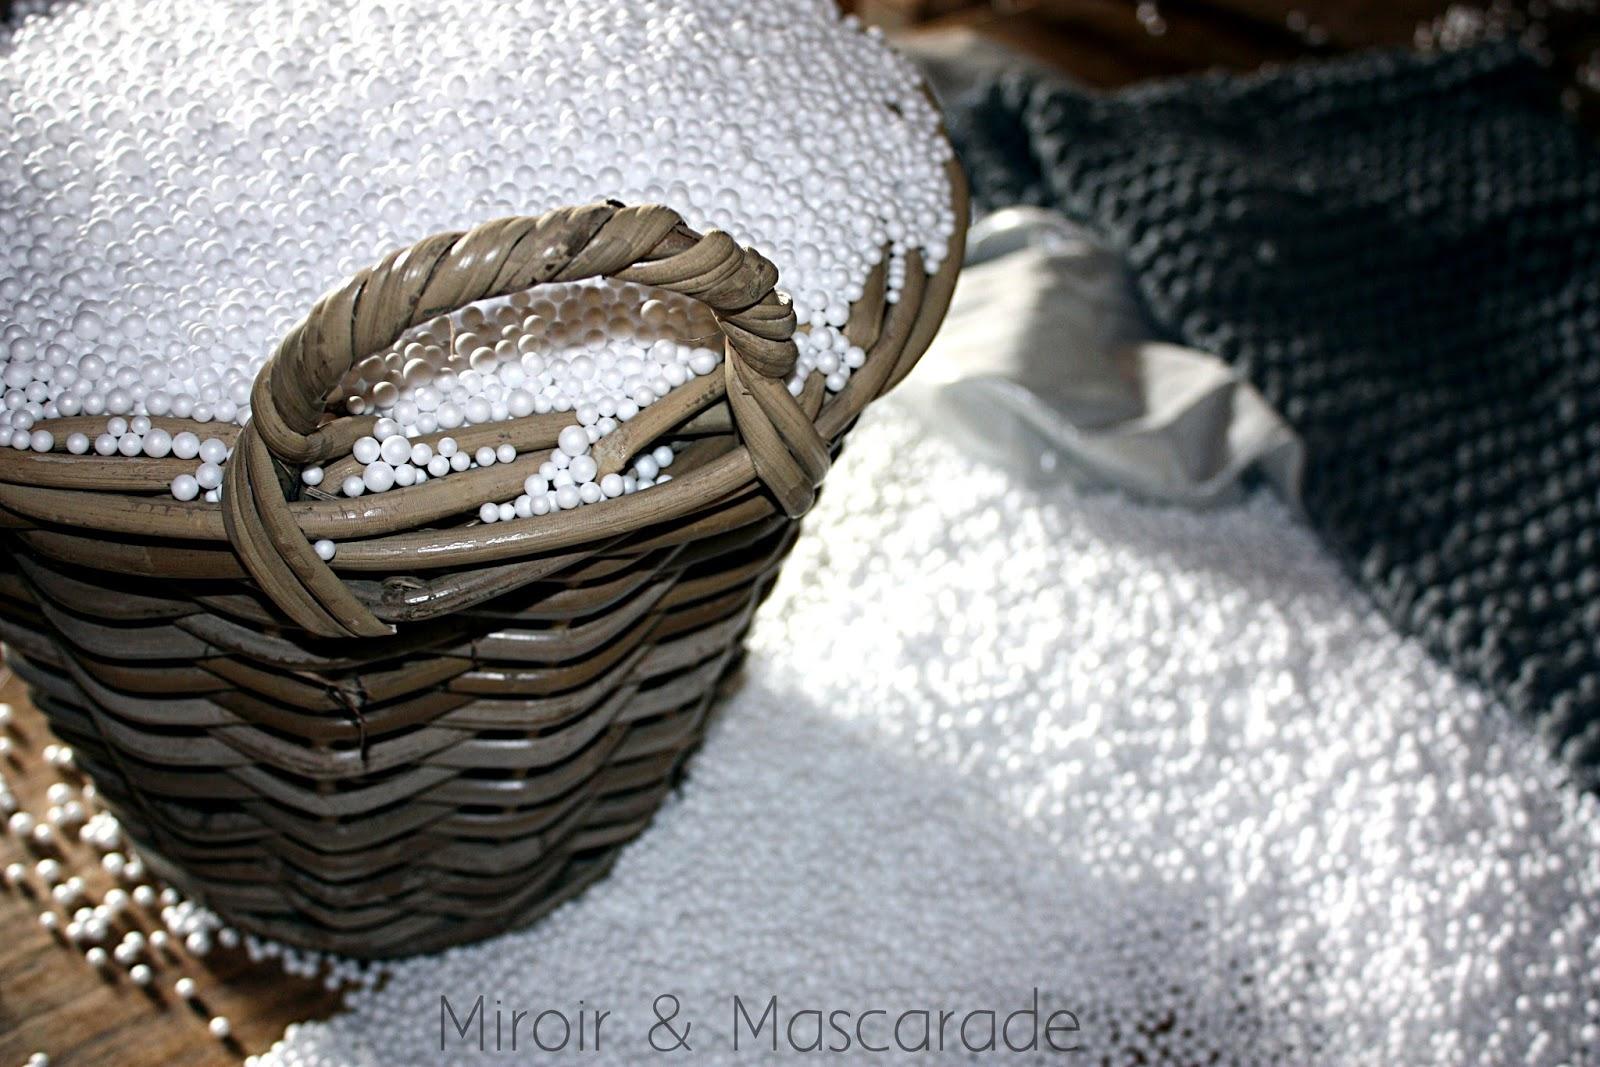 Miroir et mascarade a pouf - Rembourrage pour pouf ...